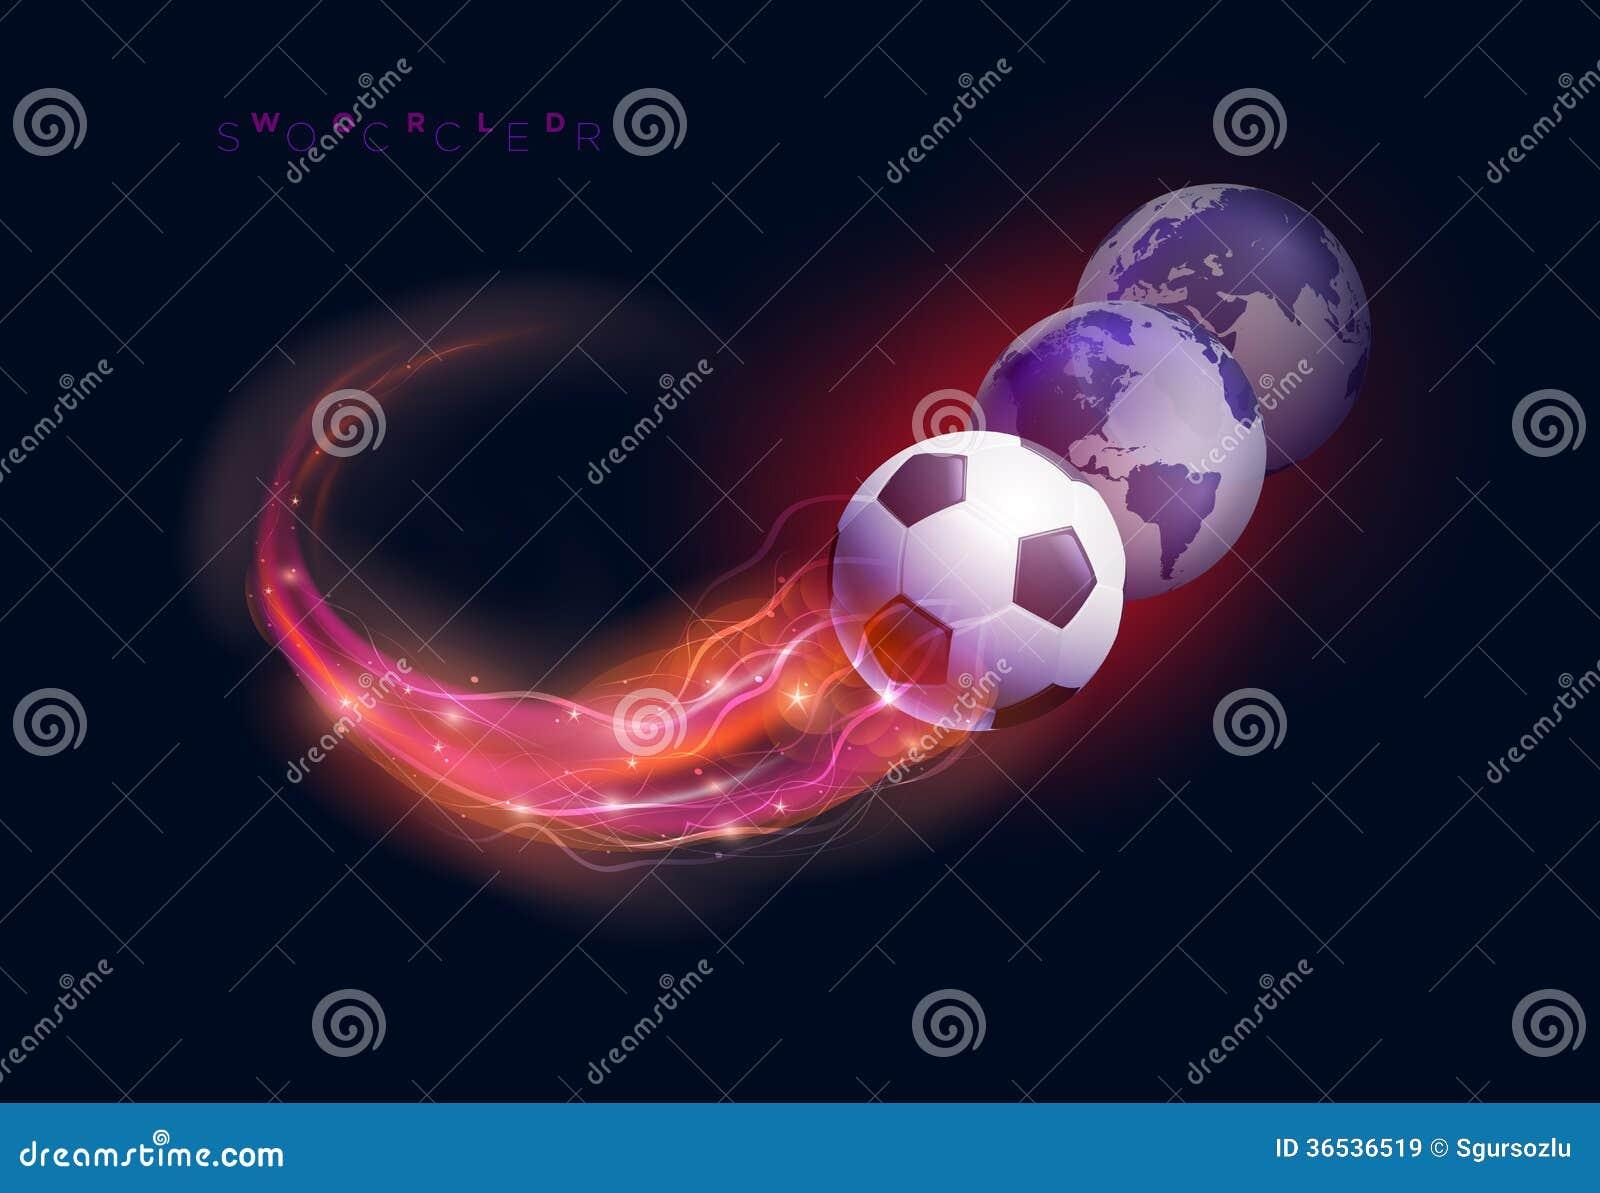 Sfärer för fotbollboll och världs